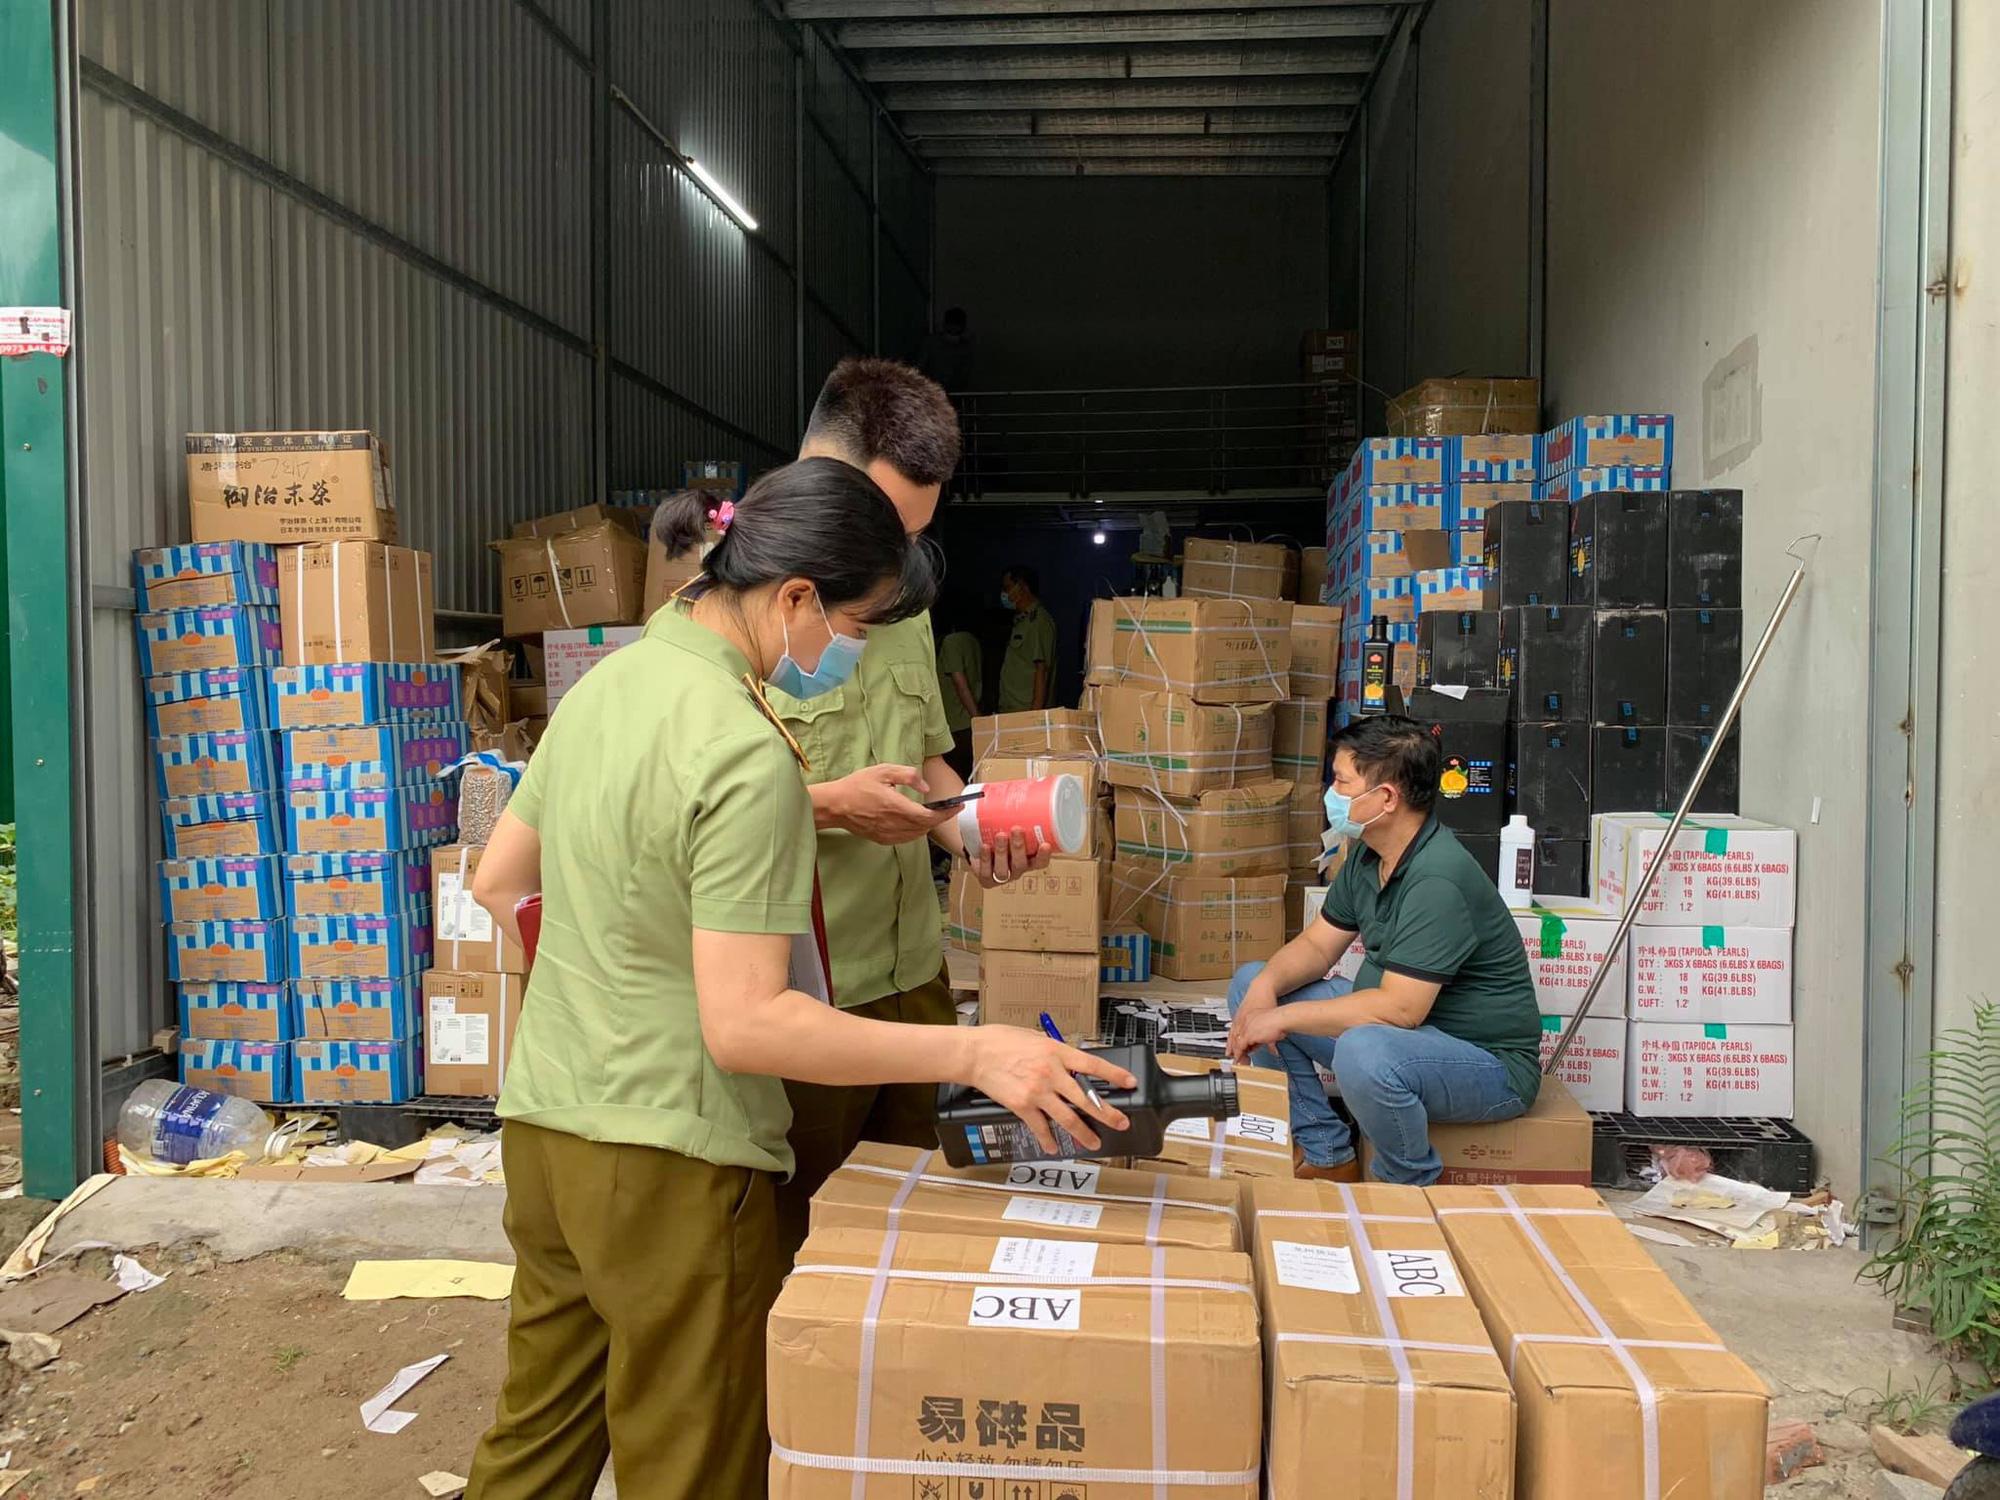 Thu giữ hàng tấn nguyên liệu trà sữa Royaltea, Gong Cha không rõ nguồn gốc - Ảnh 1.